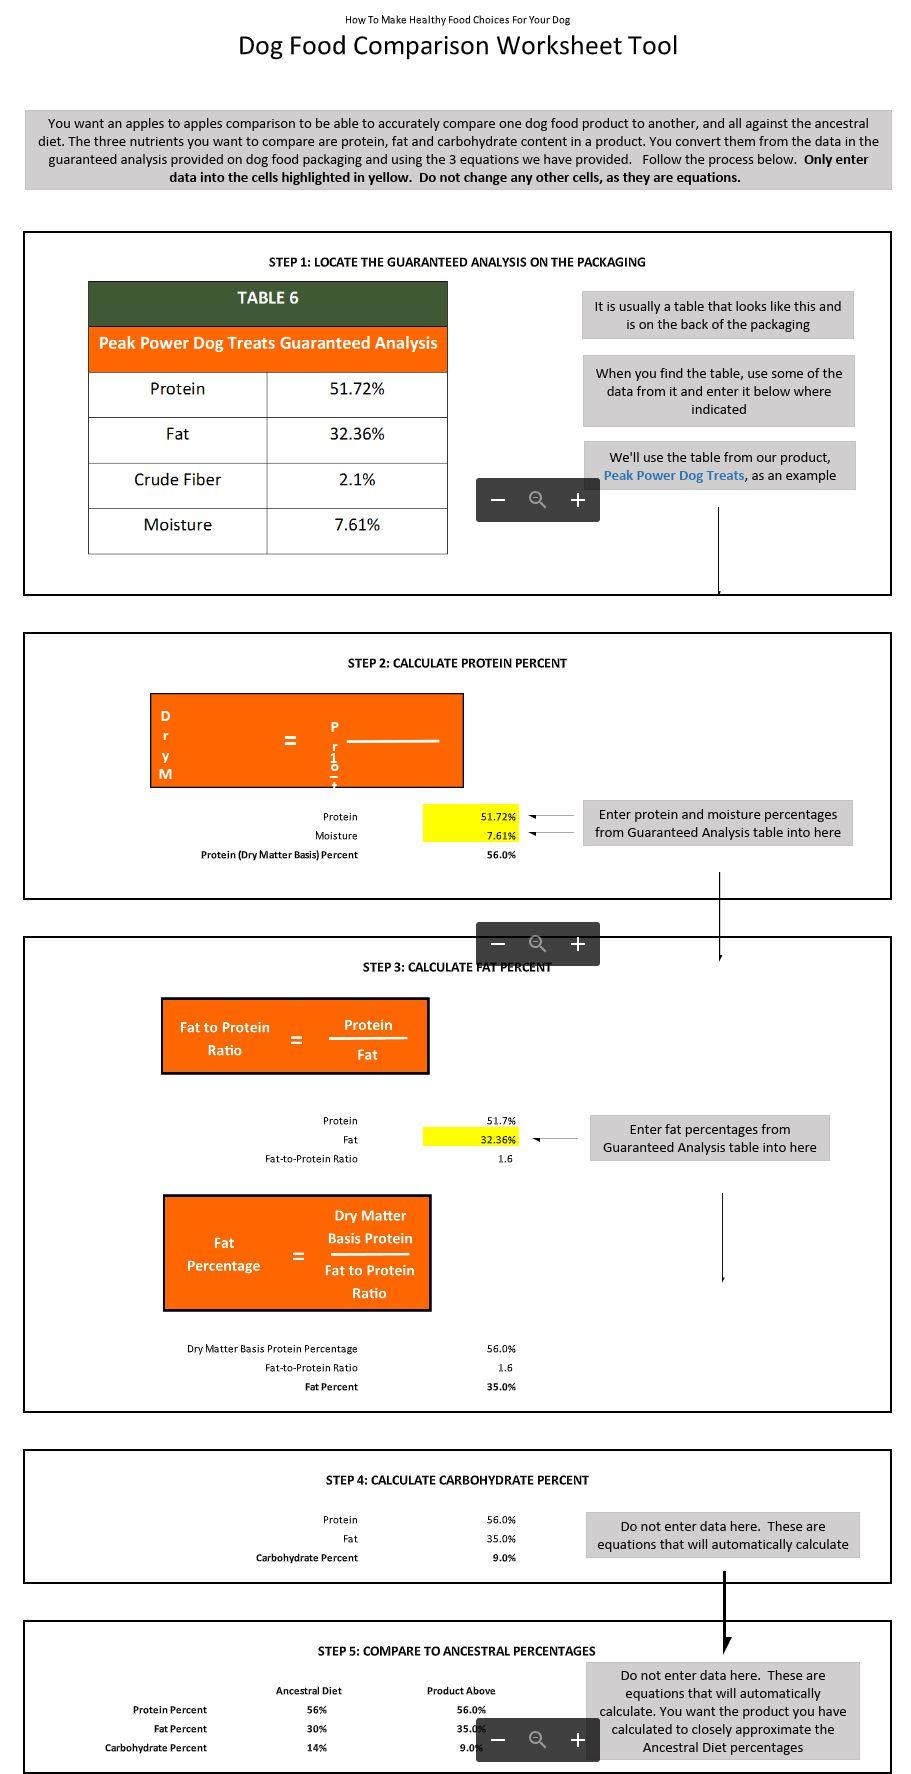 Dog Food Comparison Worksheet Tool